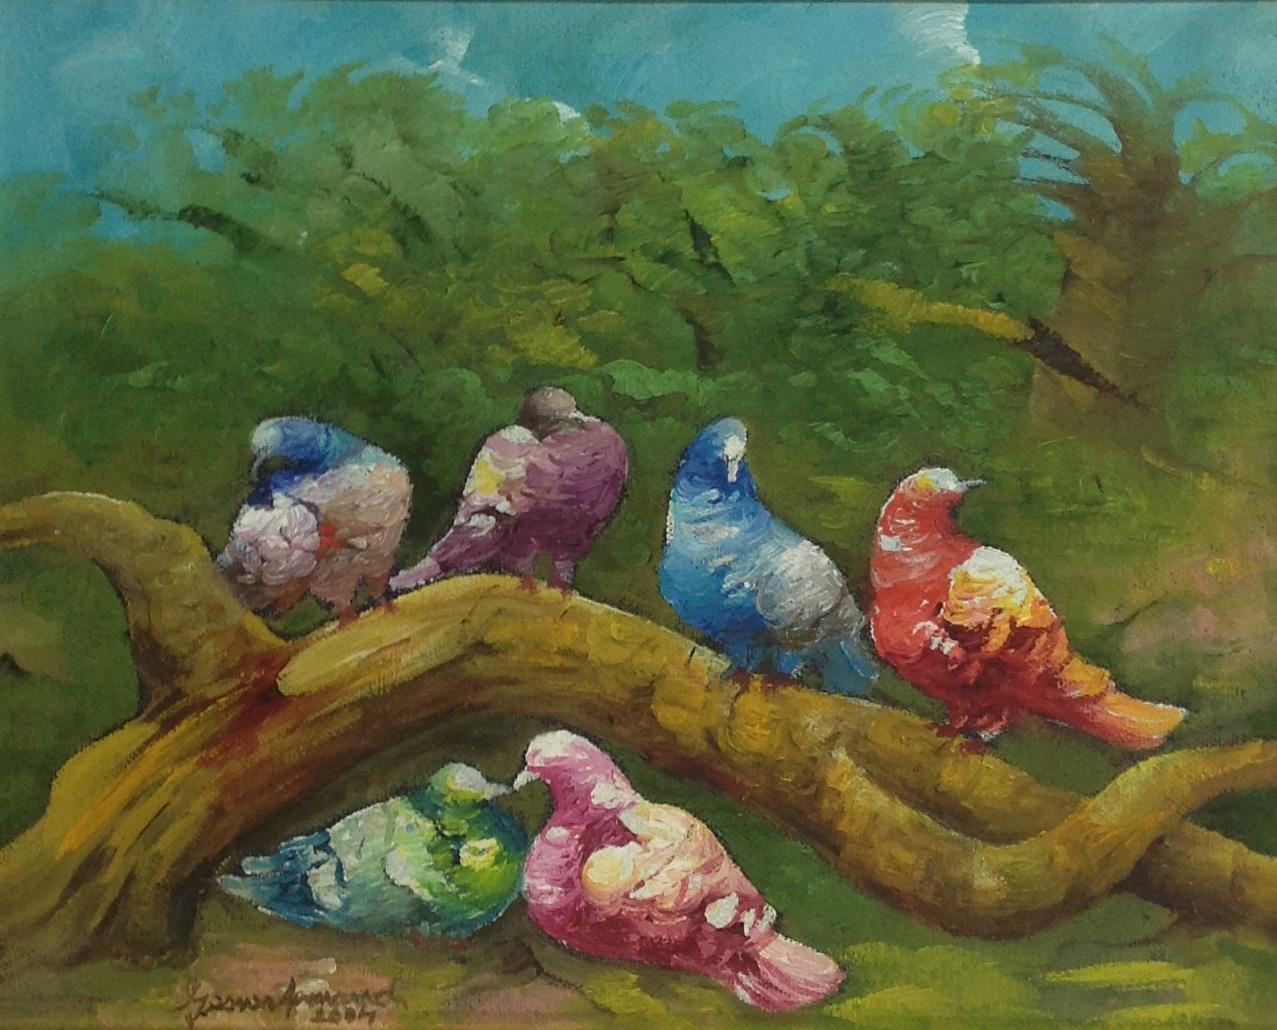 Armand Gesner 8X10 #40-3-96 canvas 2004